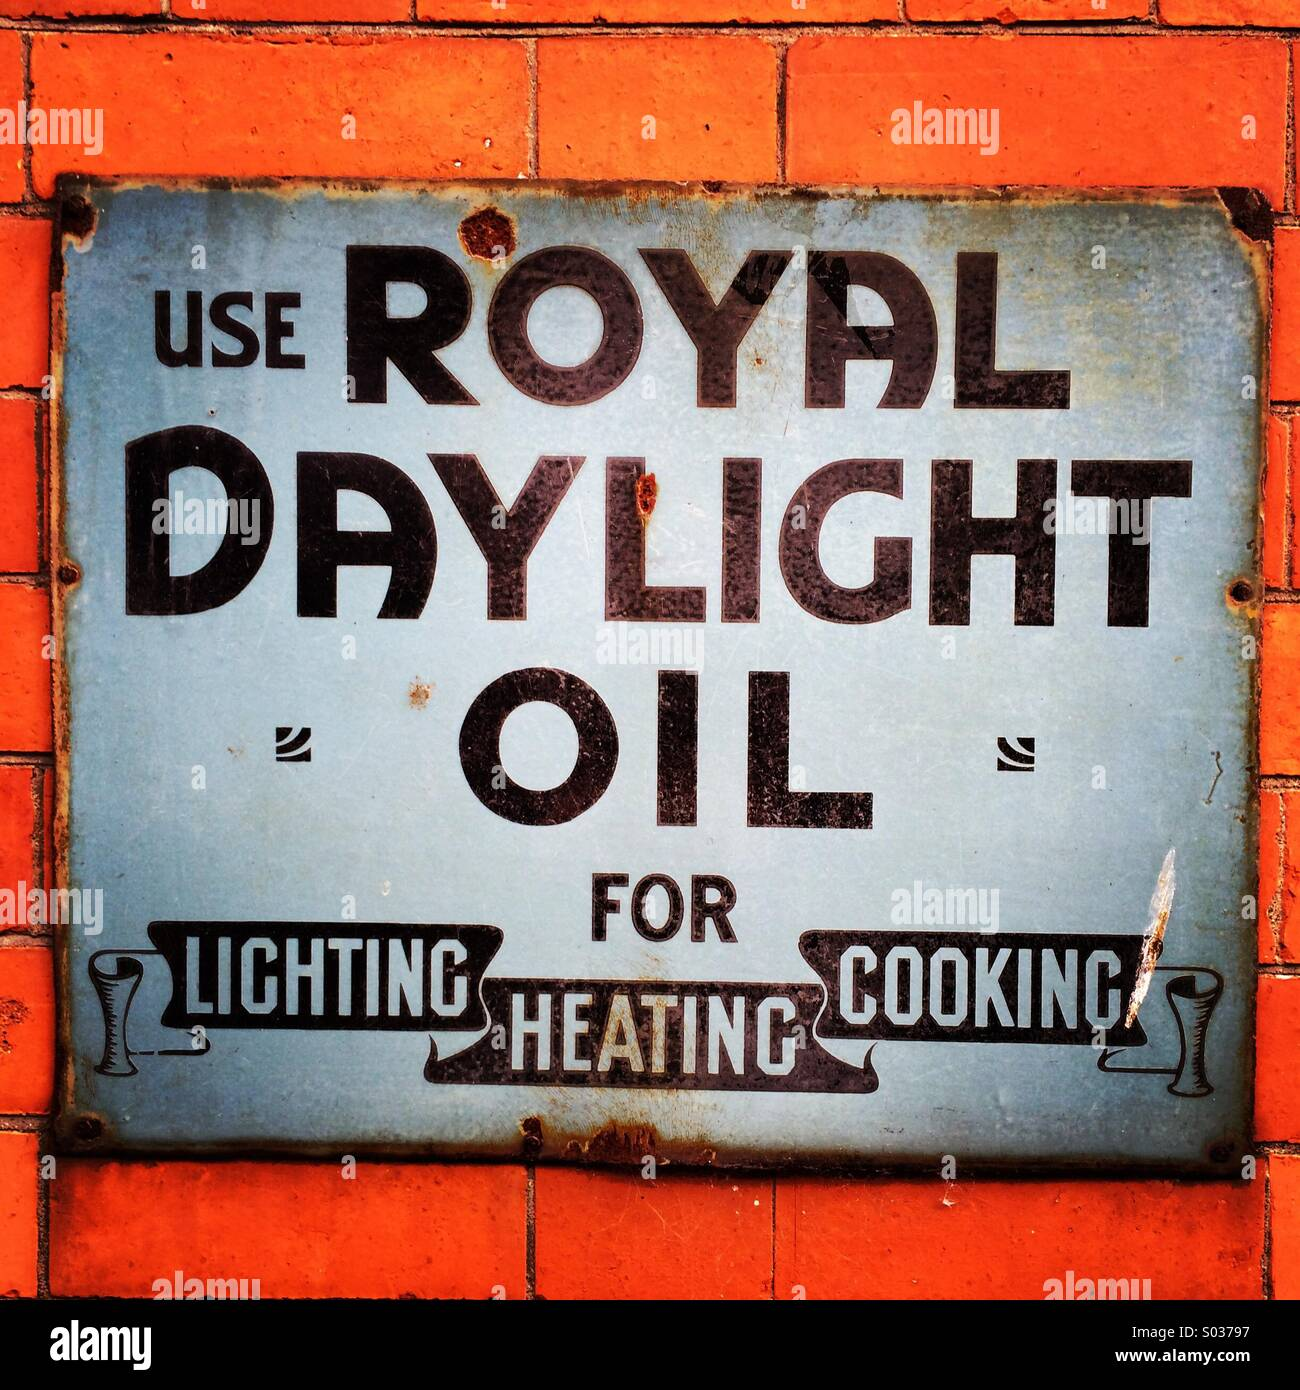 Königliche Tageslicht Öl authentische Wand Werbung. Stockbild